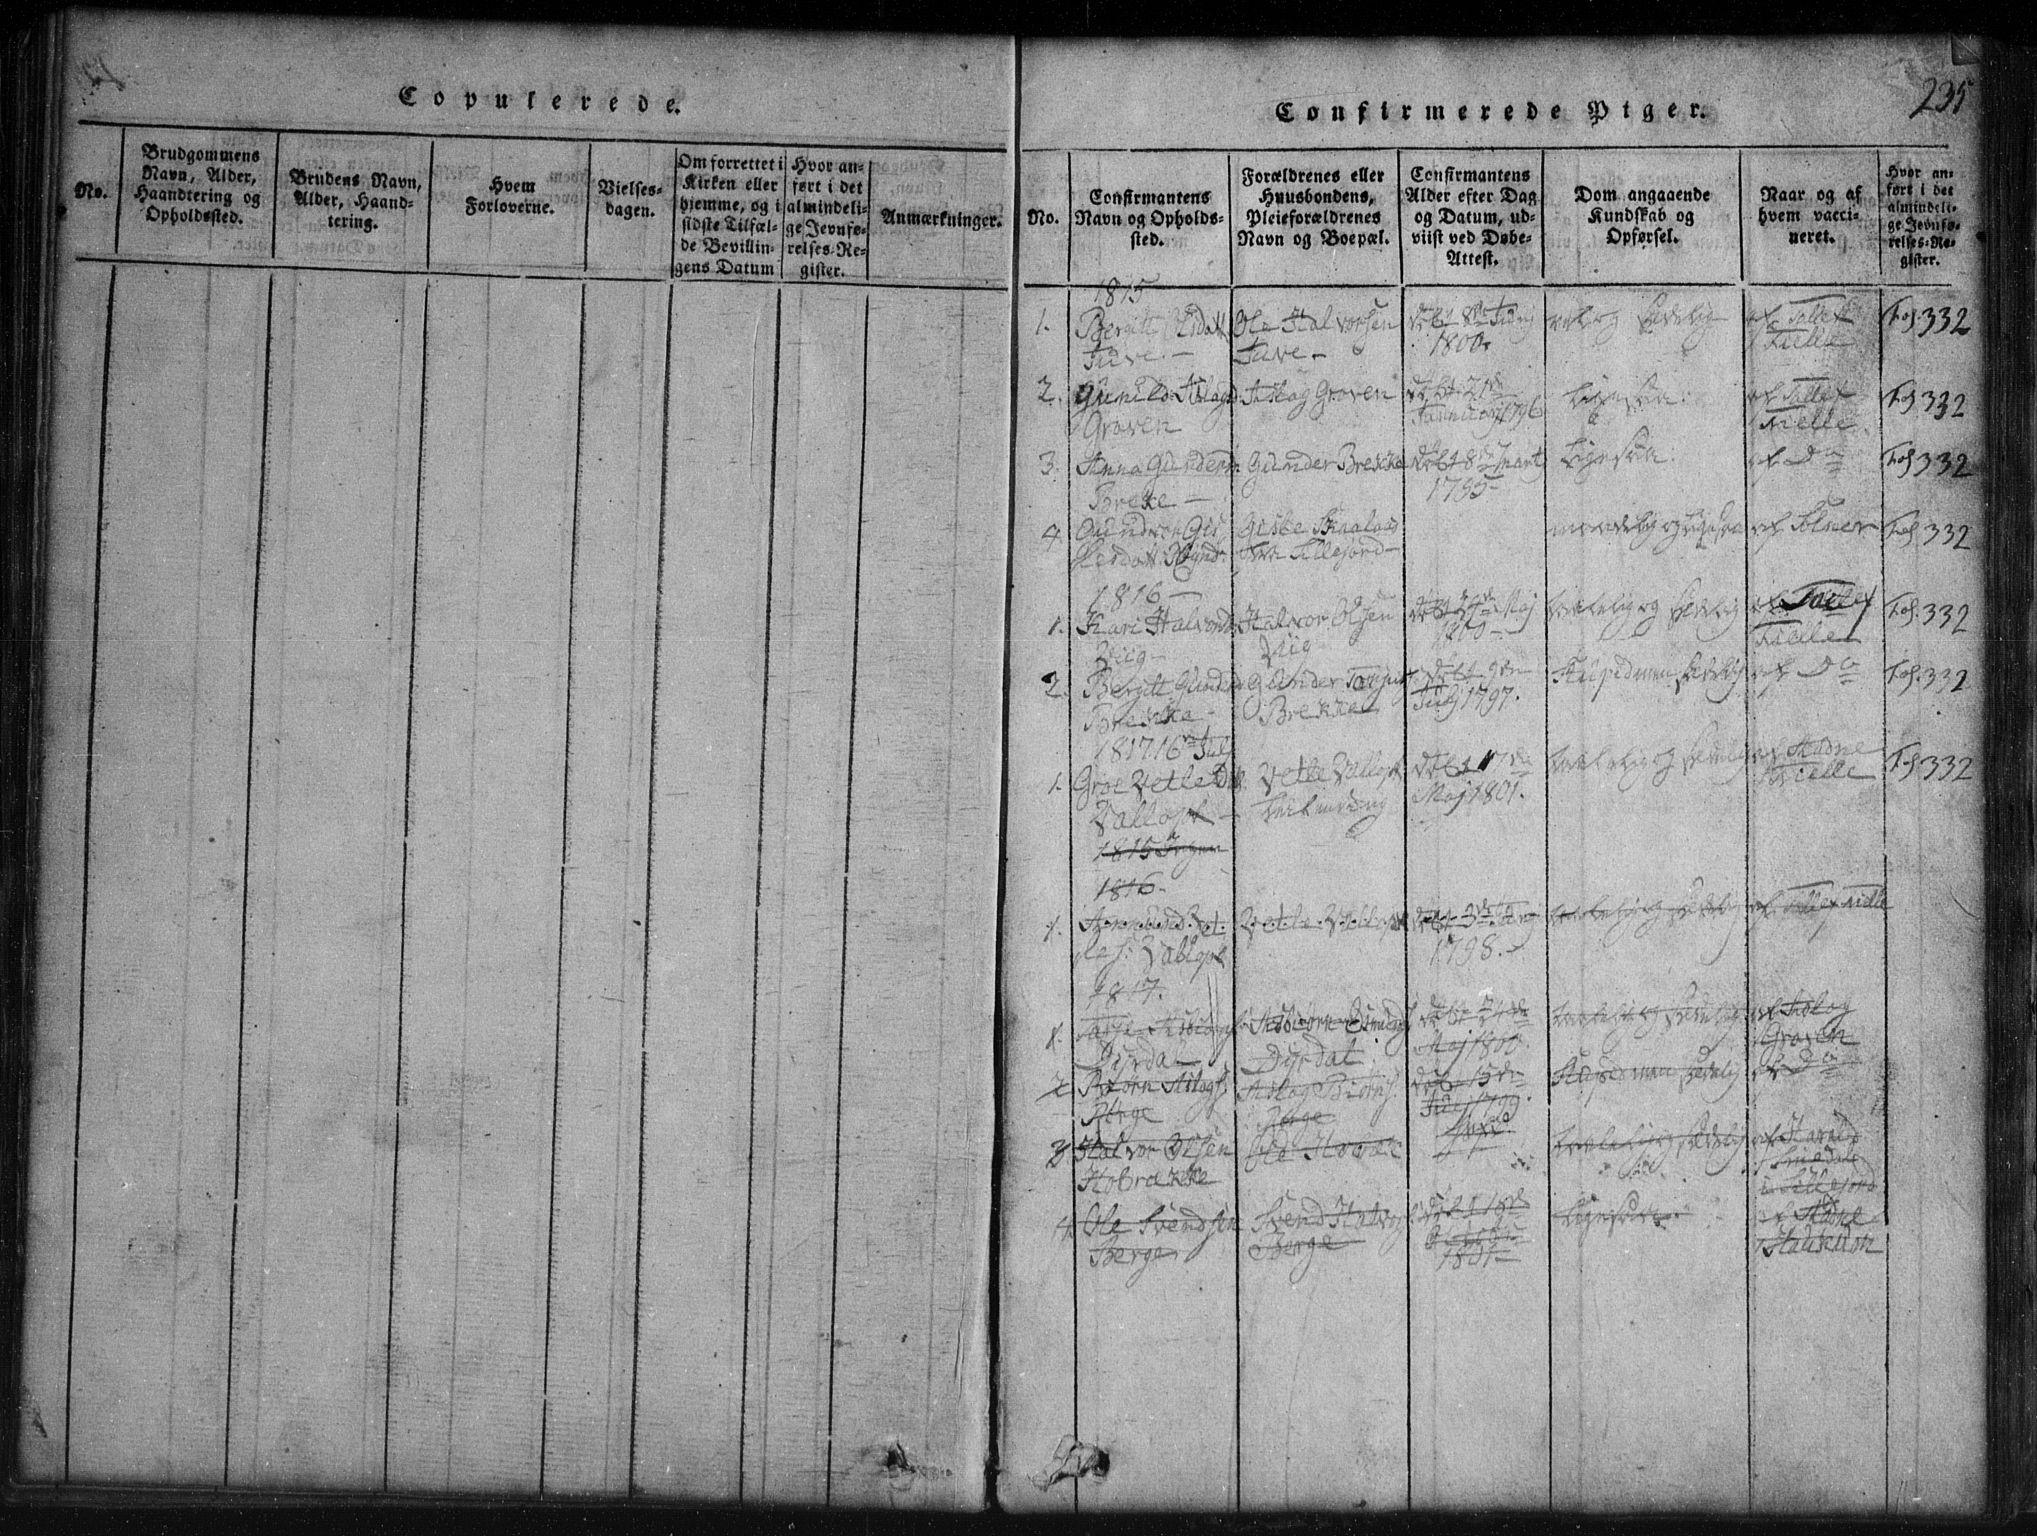 SAKO, Rauland kirkebøker, G/Gb/L0001: Klokkerbok nr. II 1, 1815-1886, s. 235